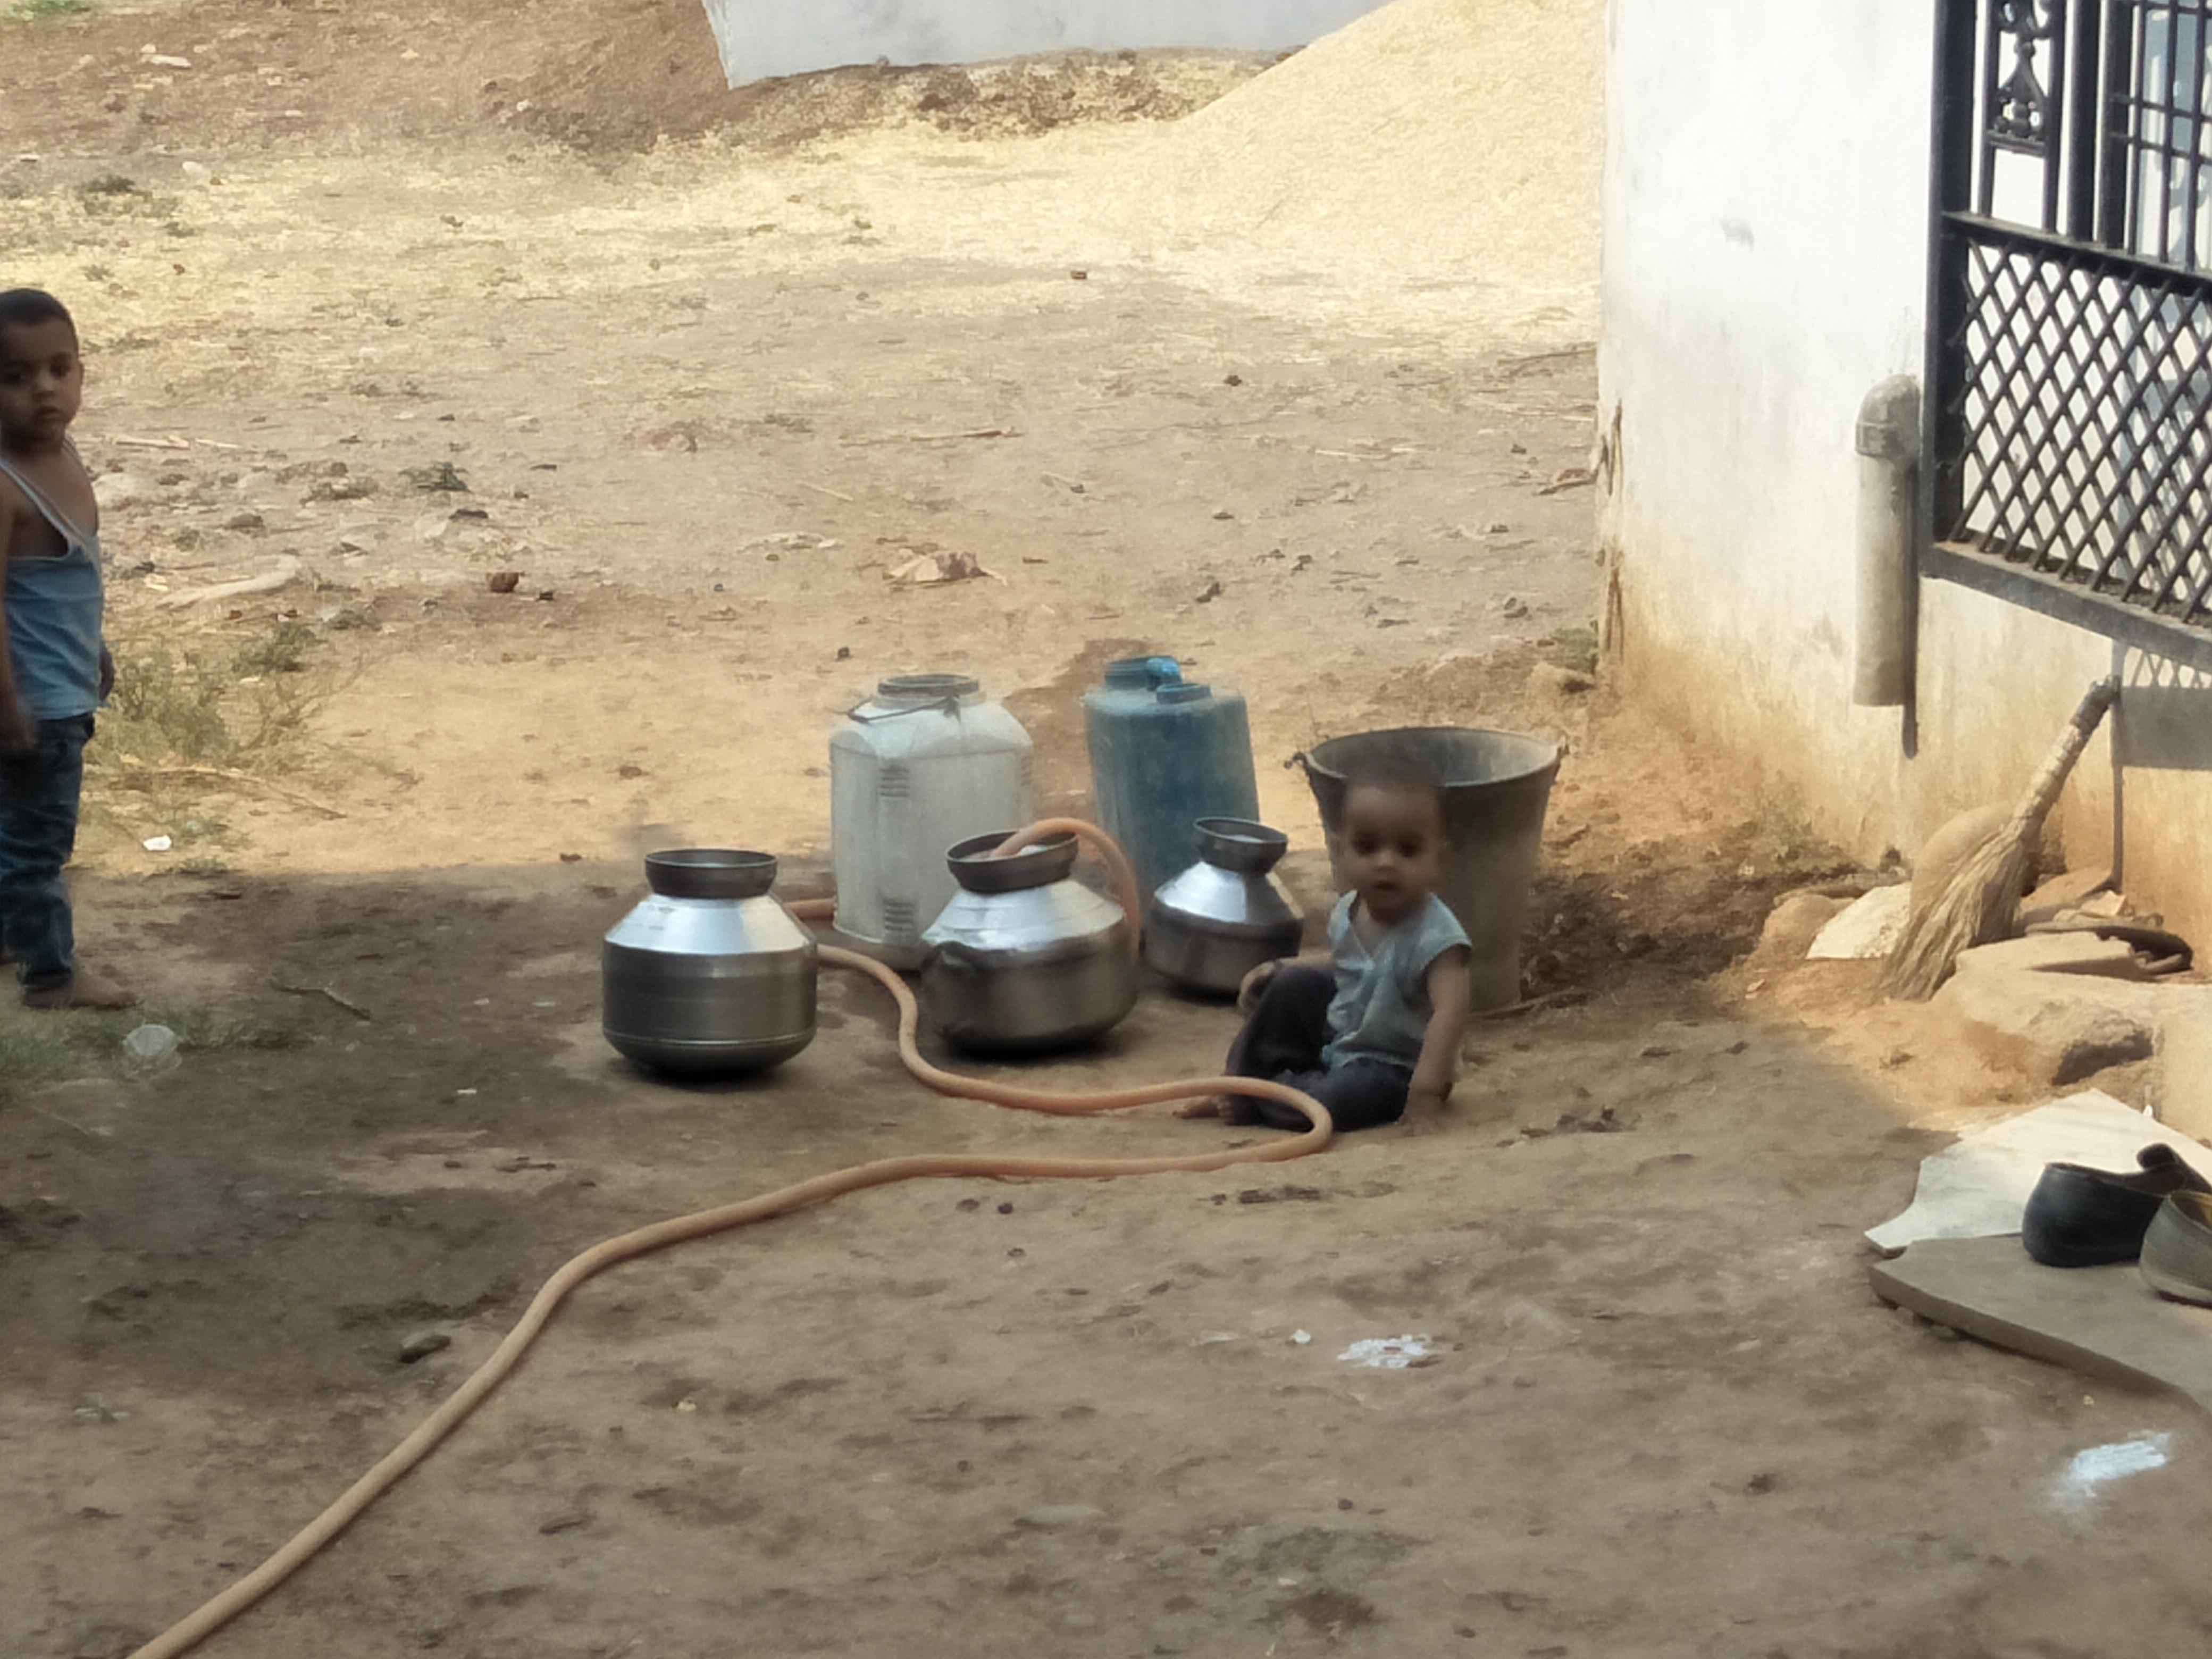 जिले के कई गांव जूझ रहे पेयजल संकट से